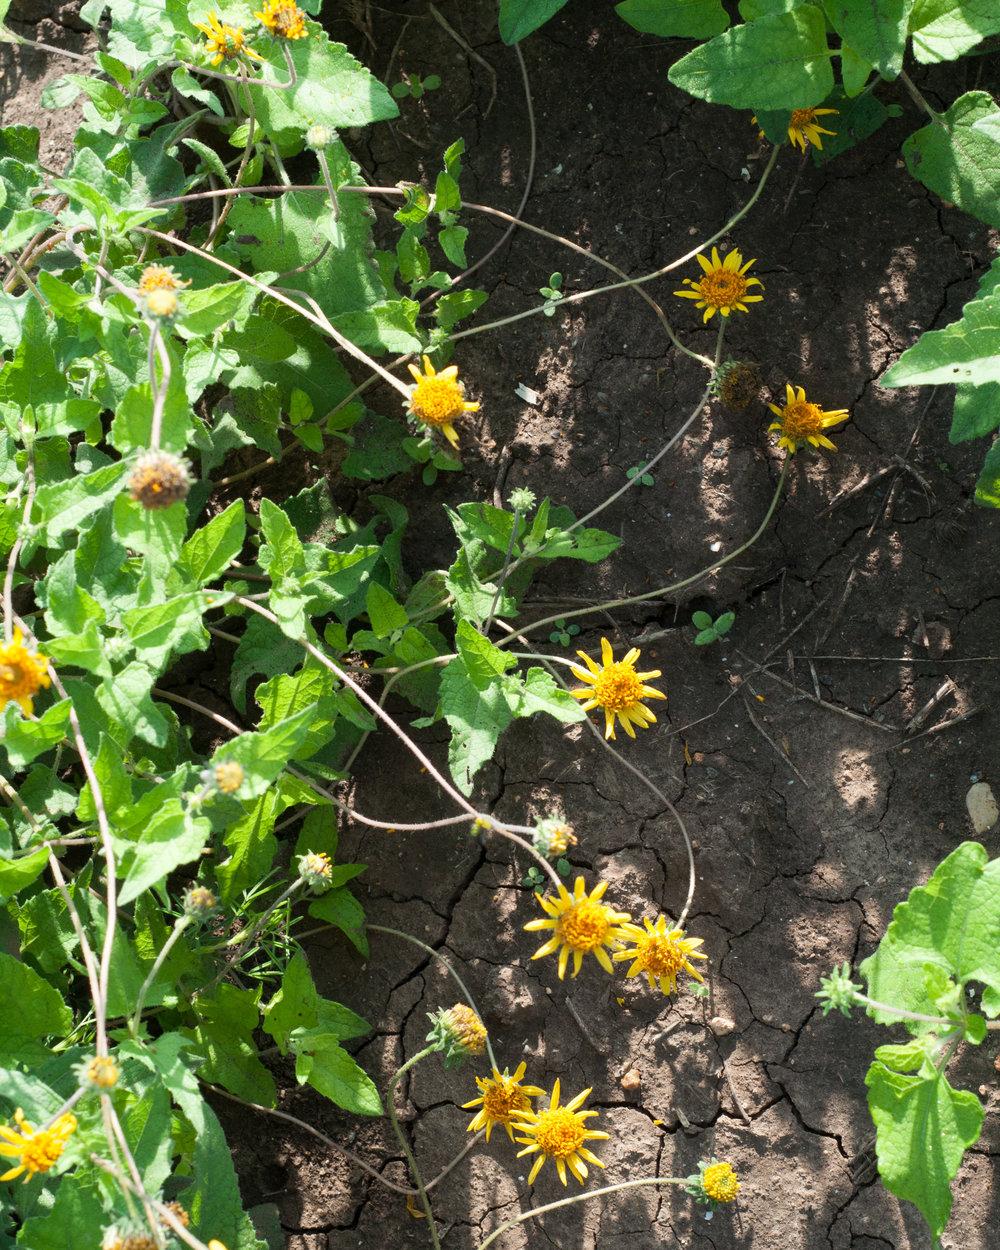 Awnless sunflower bush,ts-19.jpg